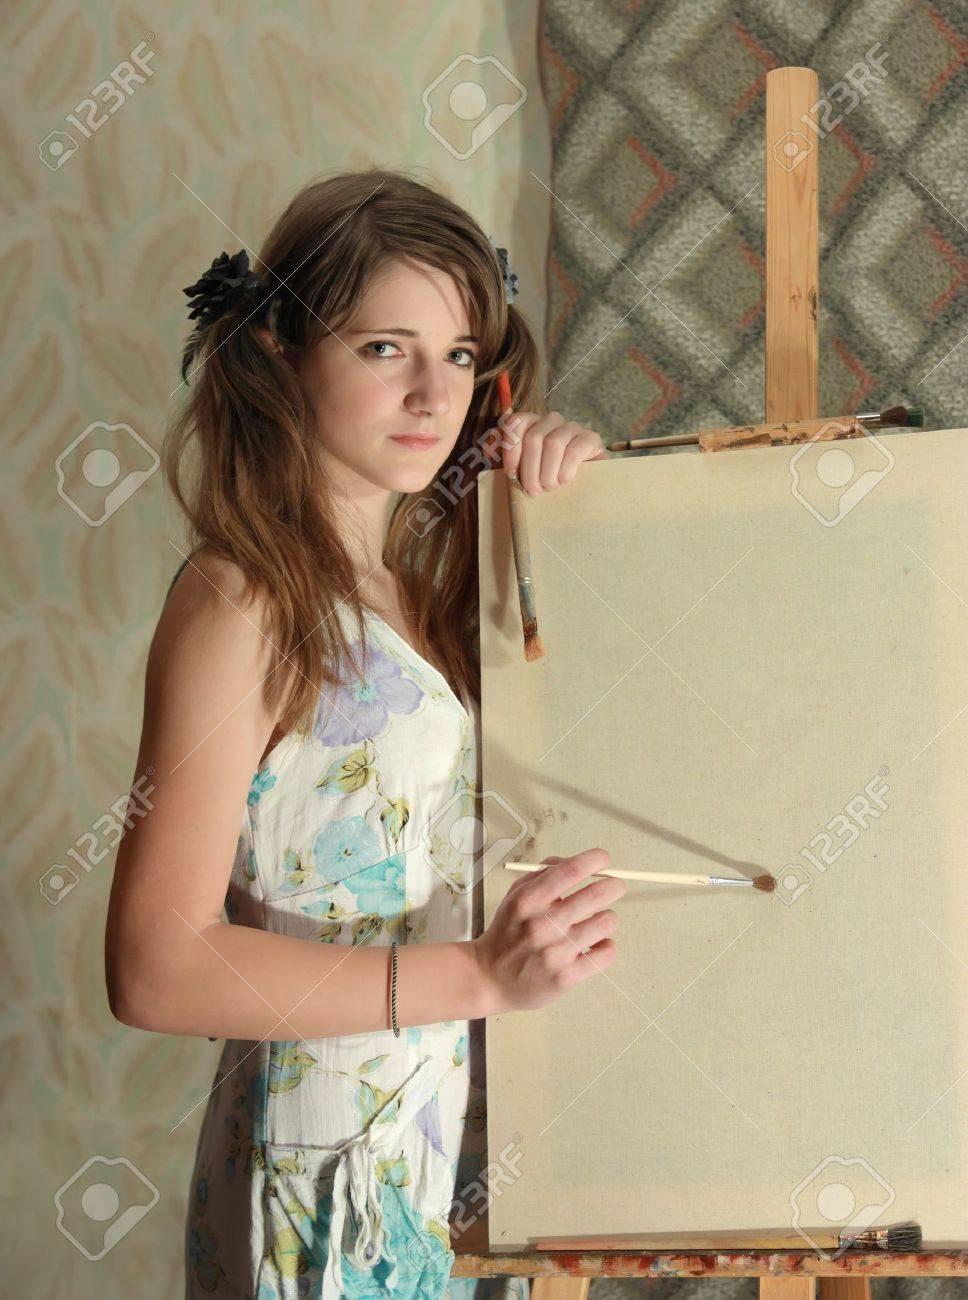 banque dimages beaut ado fille peinture sur toile blanche